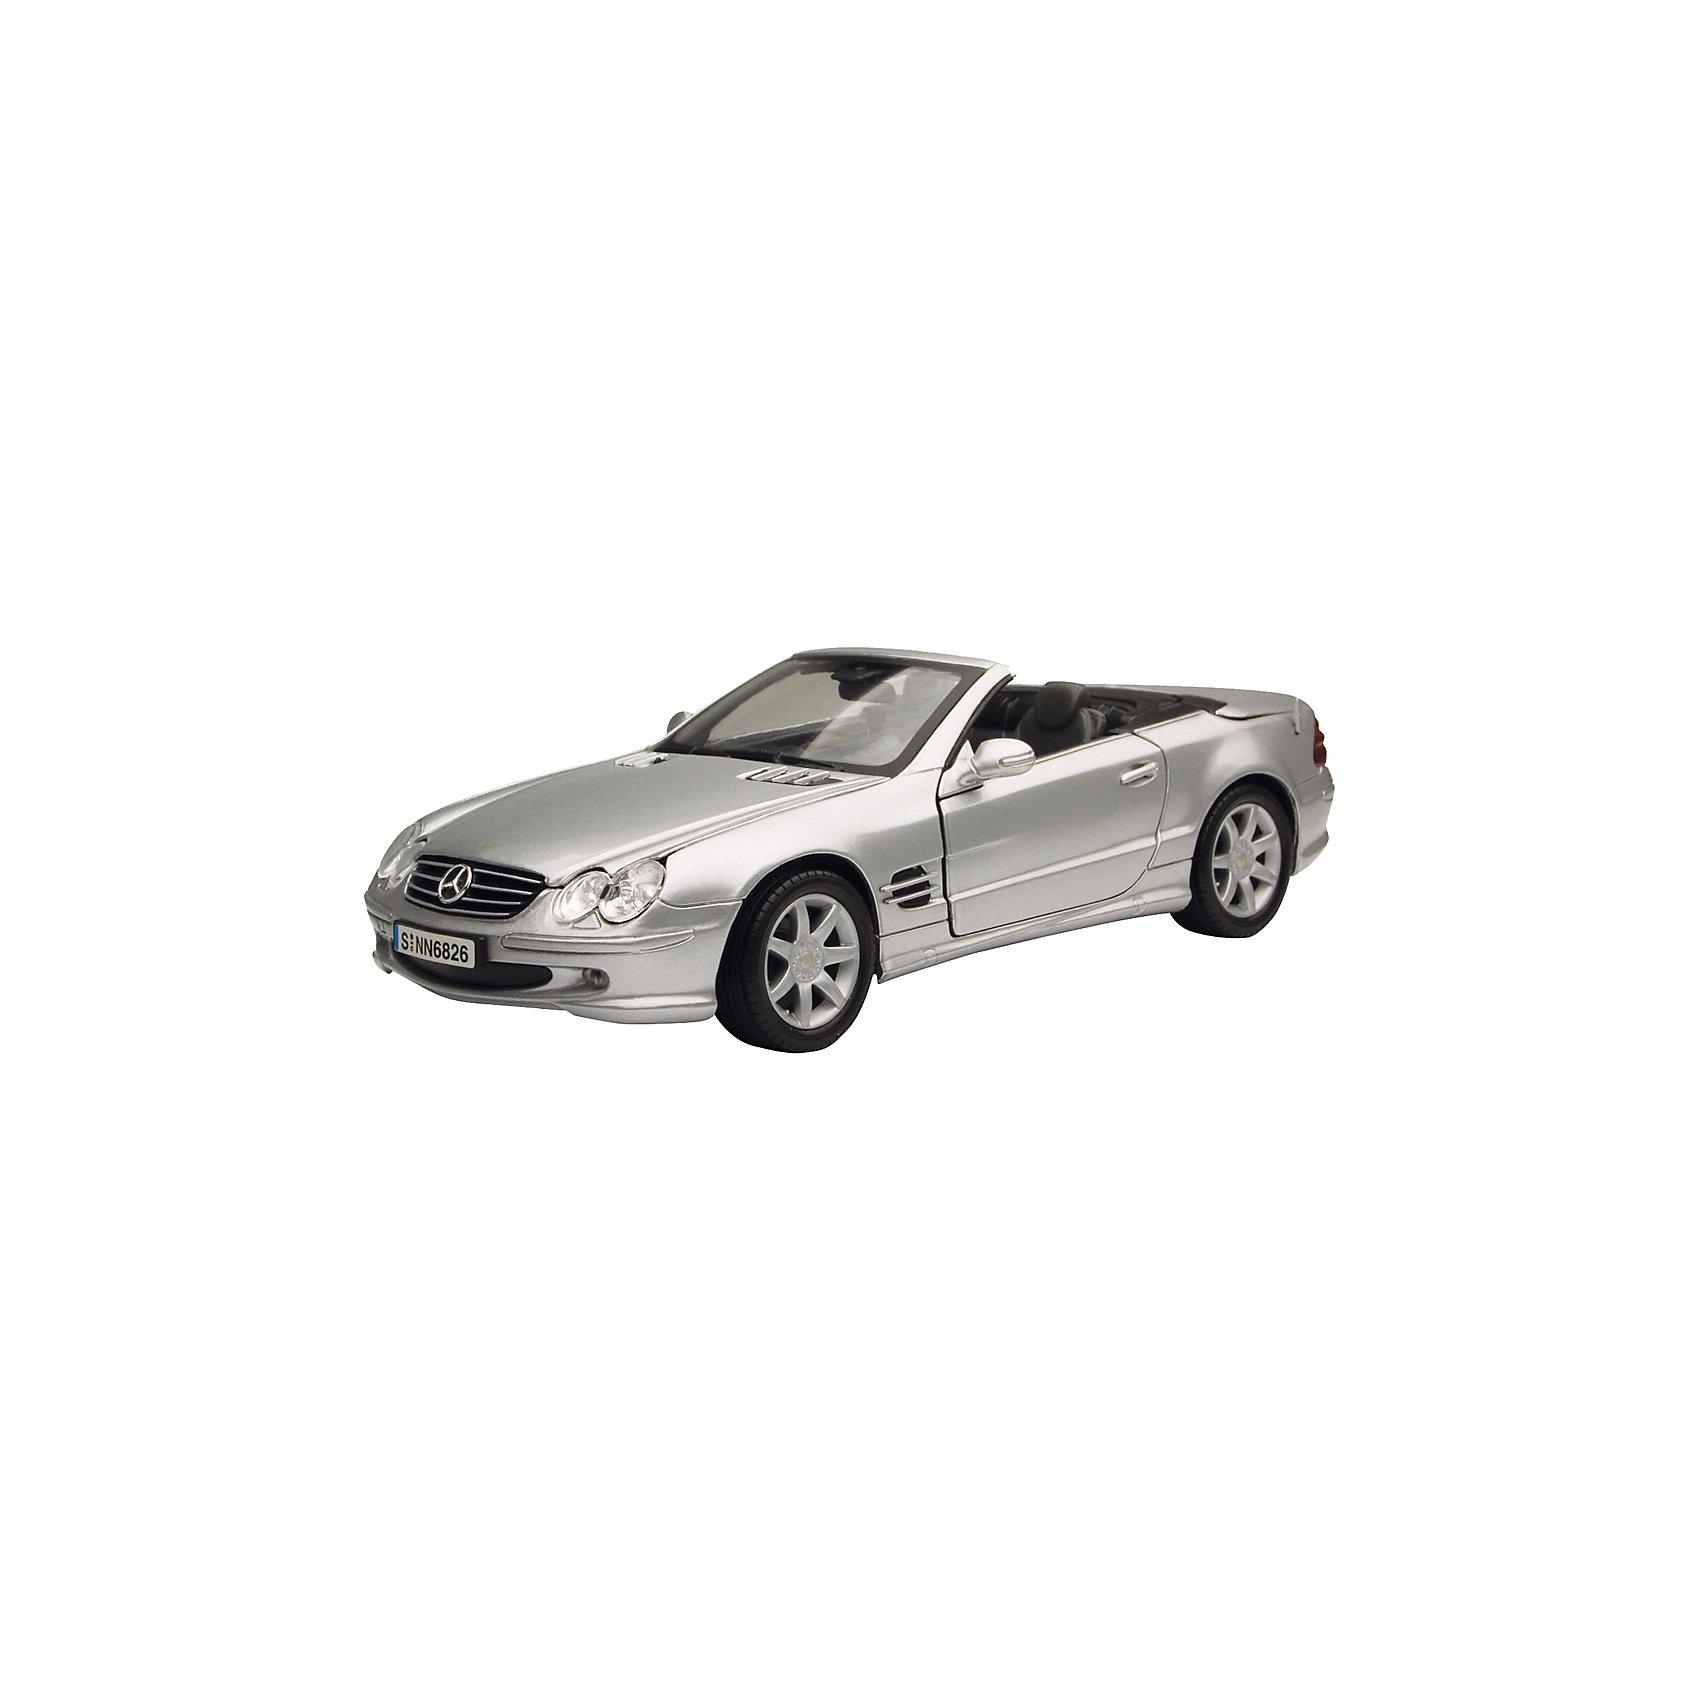 Коллекционная машина Autotime Mercedes-Benz SL500, металлик, 1:18Коллекционные модели<br><br><br>Ширина мм: 350<br>Глубина мм: 158<br>Высота мм: 120<br>Вес г: 1282<br>Возраст от месяцев: 36<br>Возраст до месяцев: 2147483647<br>Пол: Мужской<br>Возраст: Детский<br>SKU: 7118138